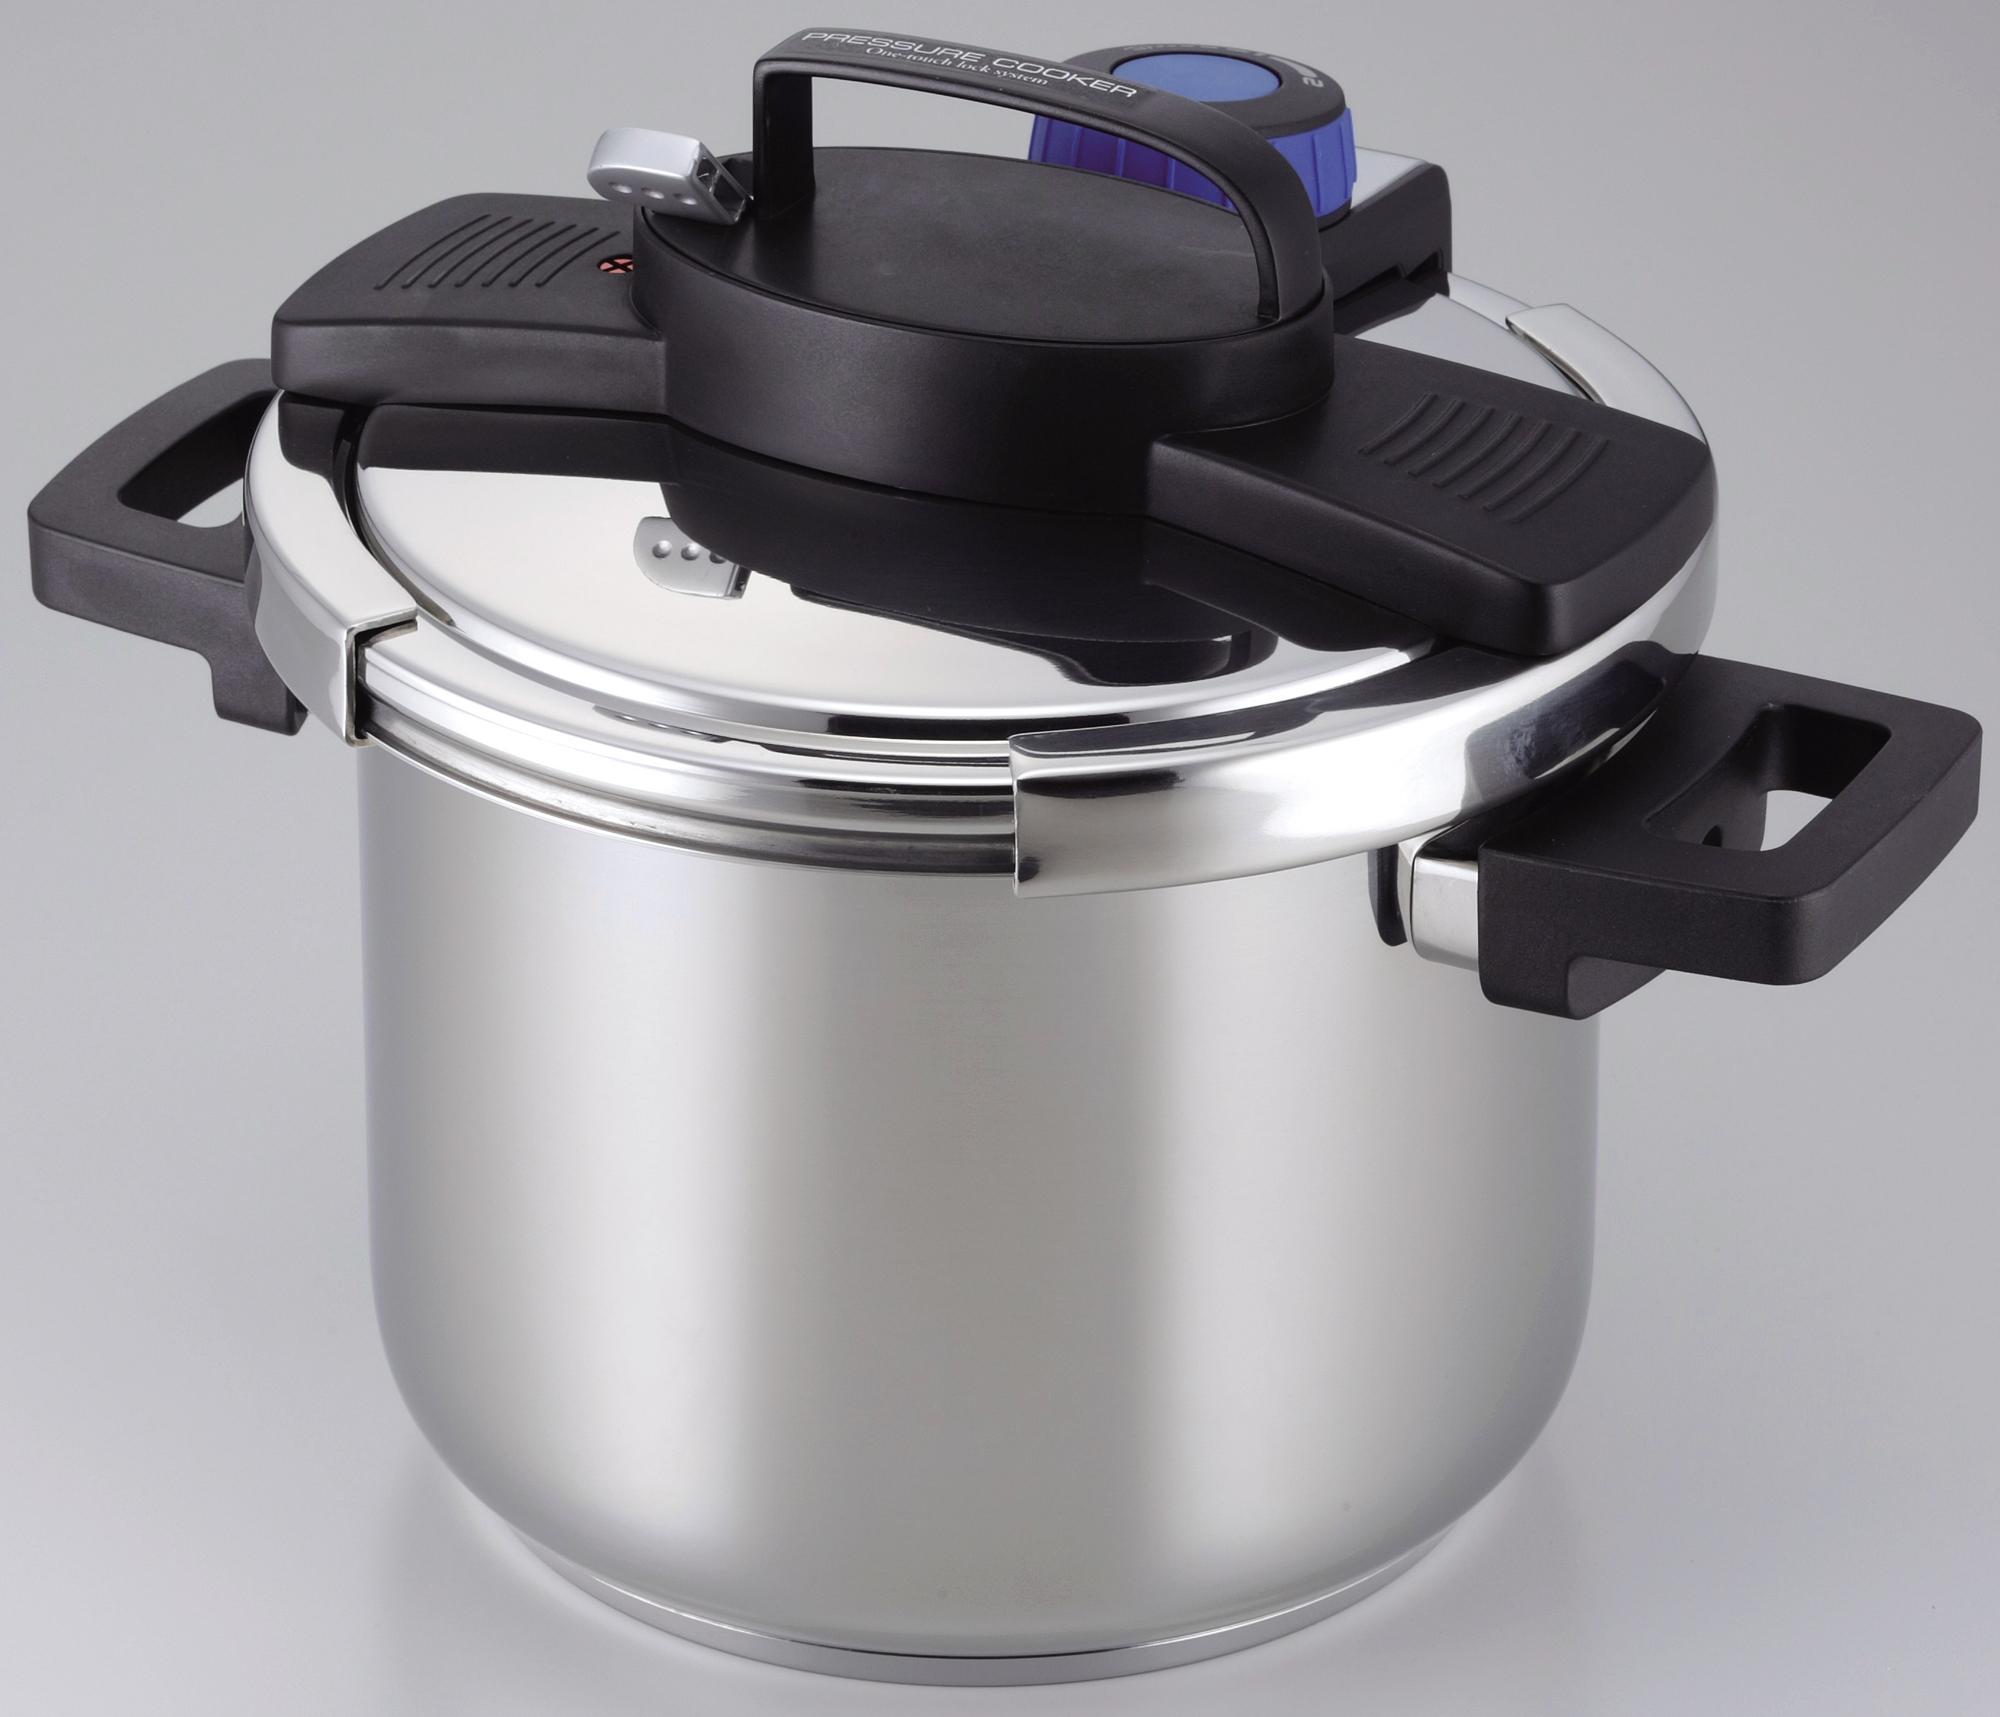 【パール金属】3層底ワンタッチレバー圧力鍋5.5L 約幅35×奥行26×高さ15.8cm シルバー